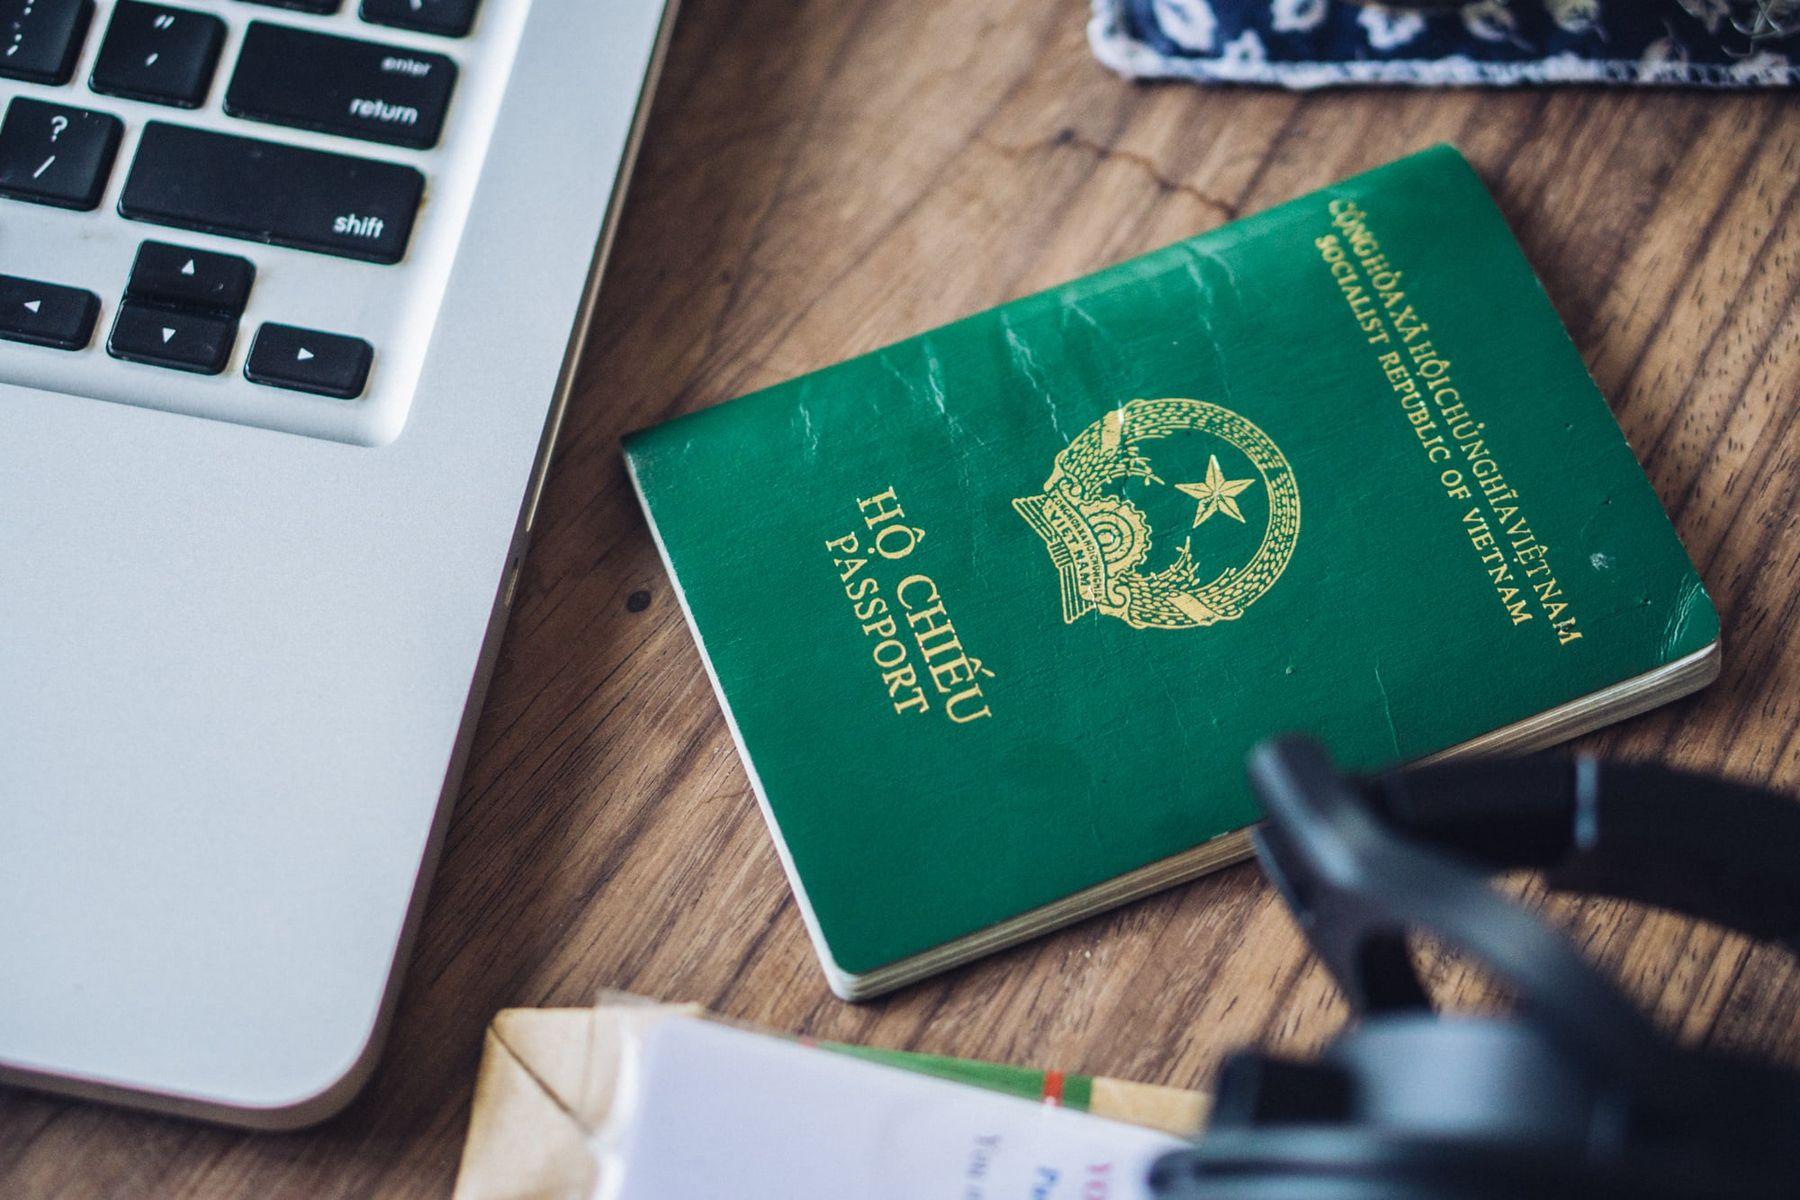 Chia sẻ kinh nghiệm khi đi du lịch nước ngoài